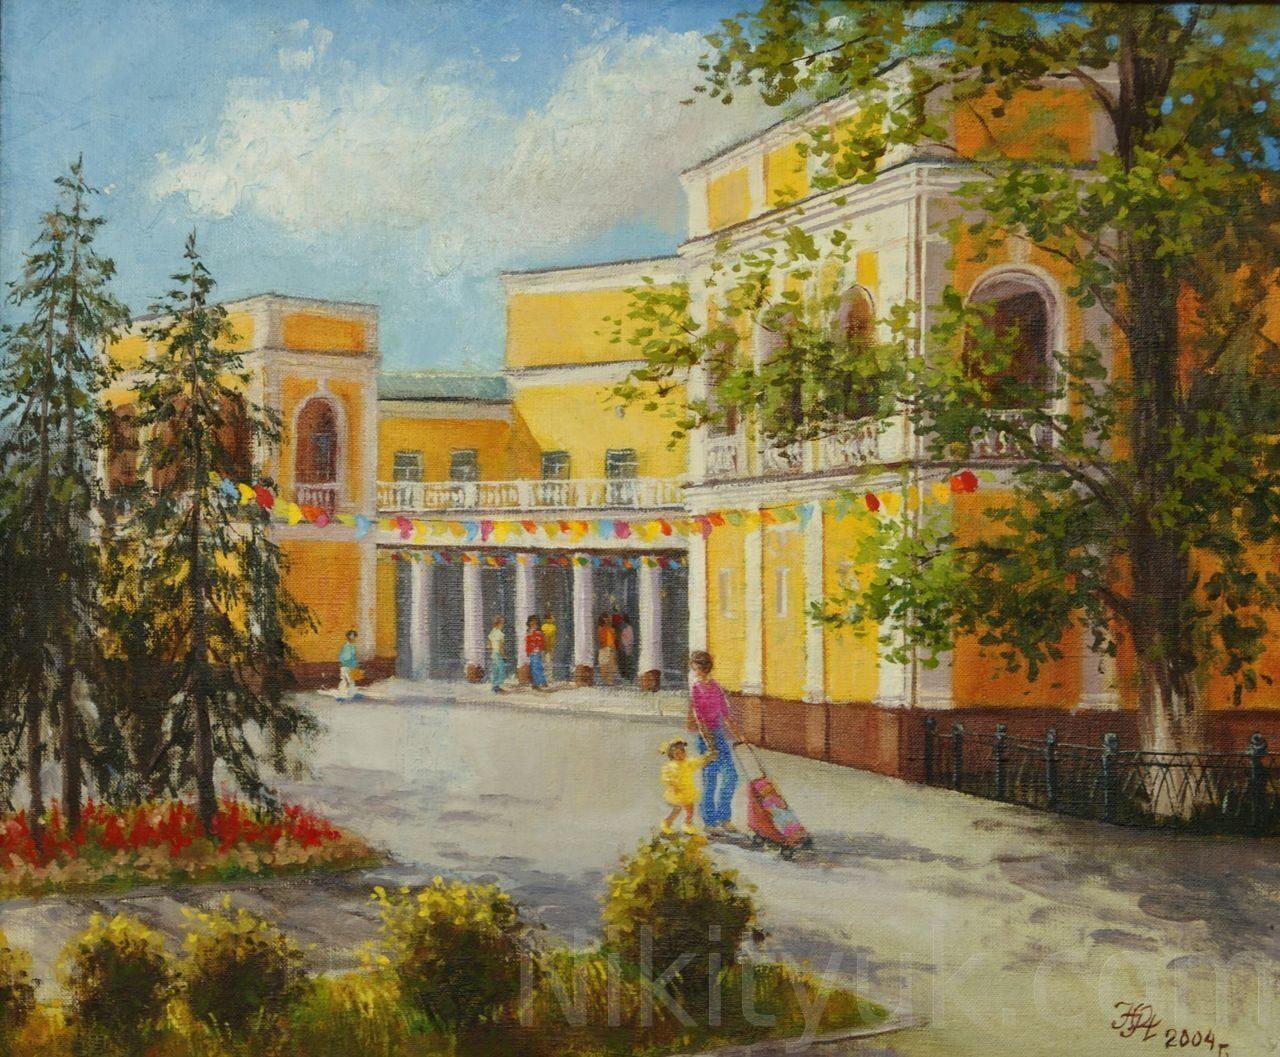 Музей изобразительного искусства. х.м. 50х60см. 2004г. 15 000 руб., в наличии